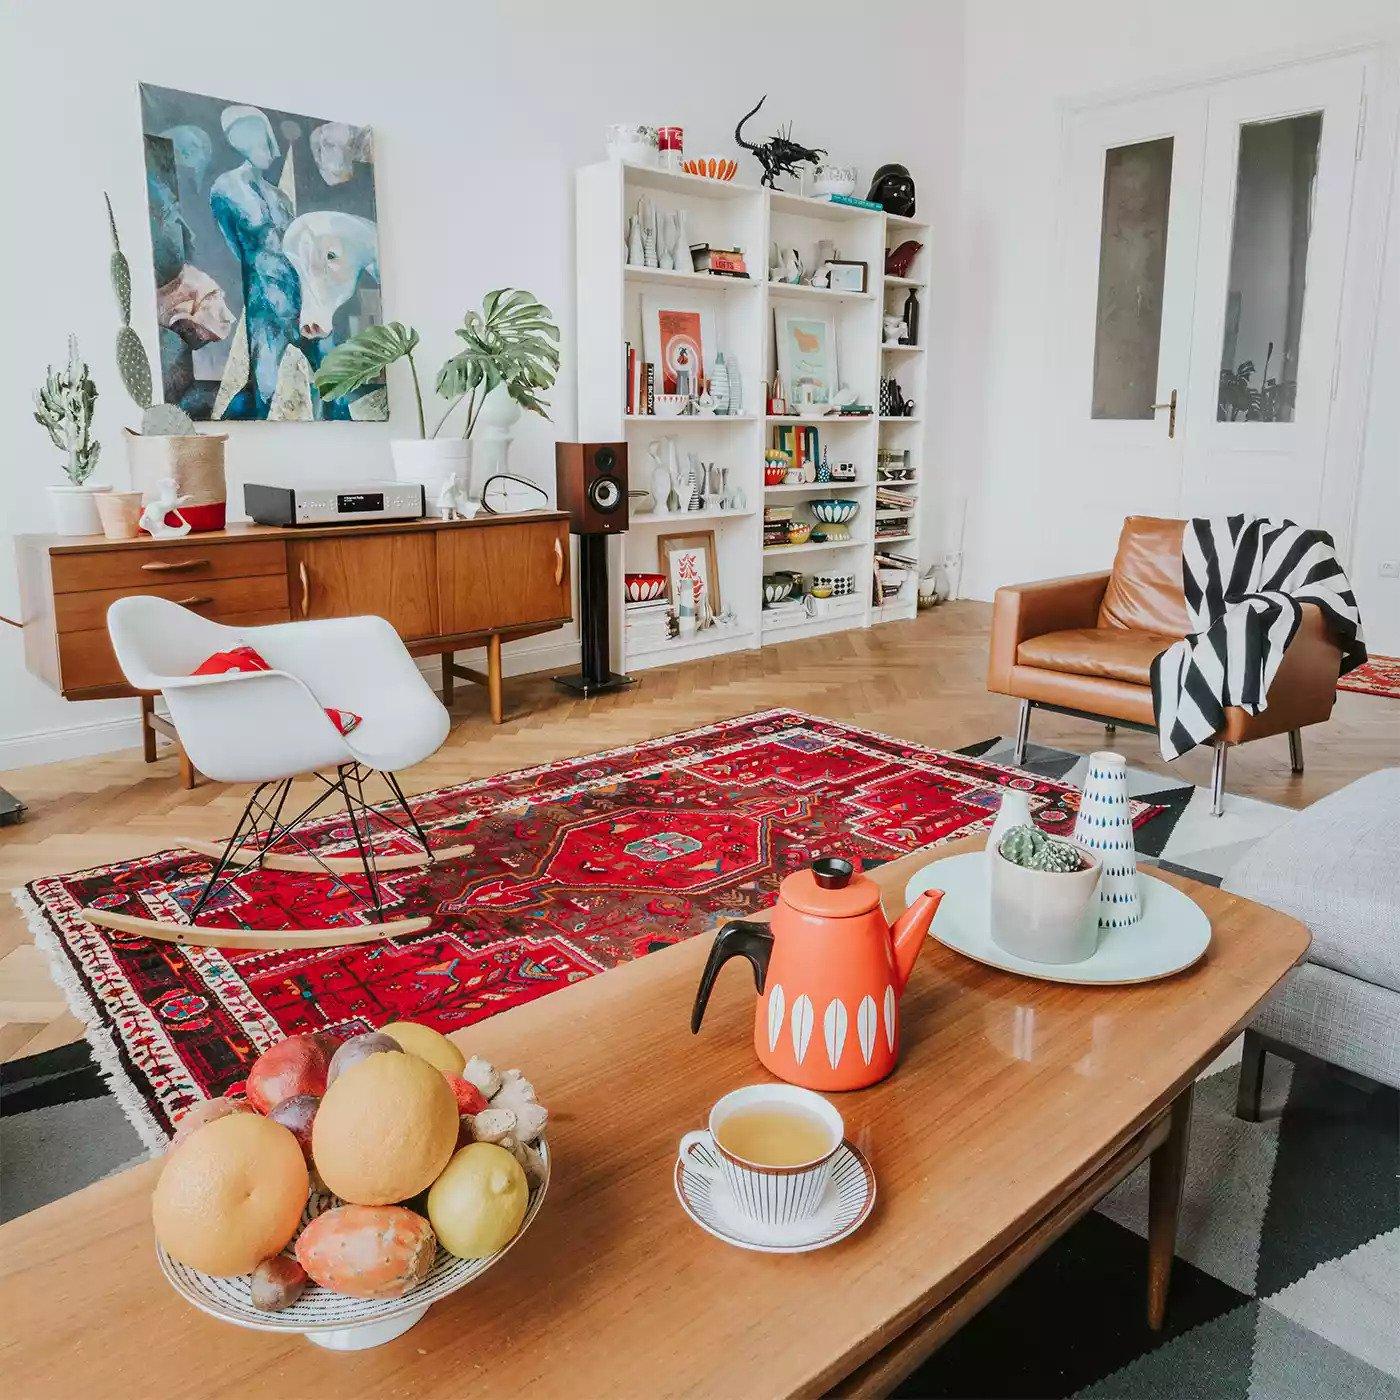 Fauteuil en cuir vintage associé à des meubles de reproduction